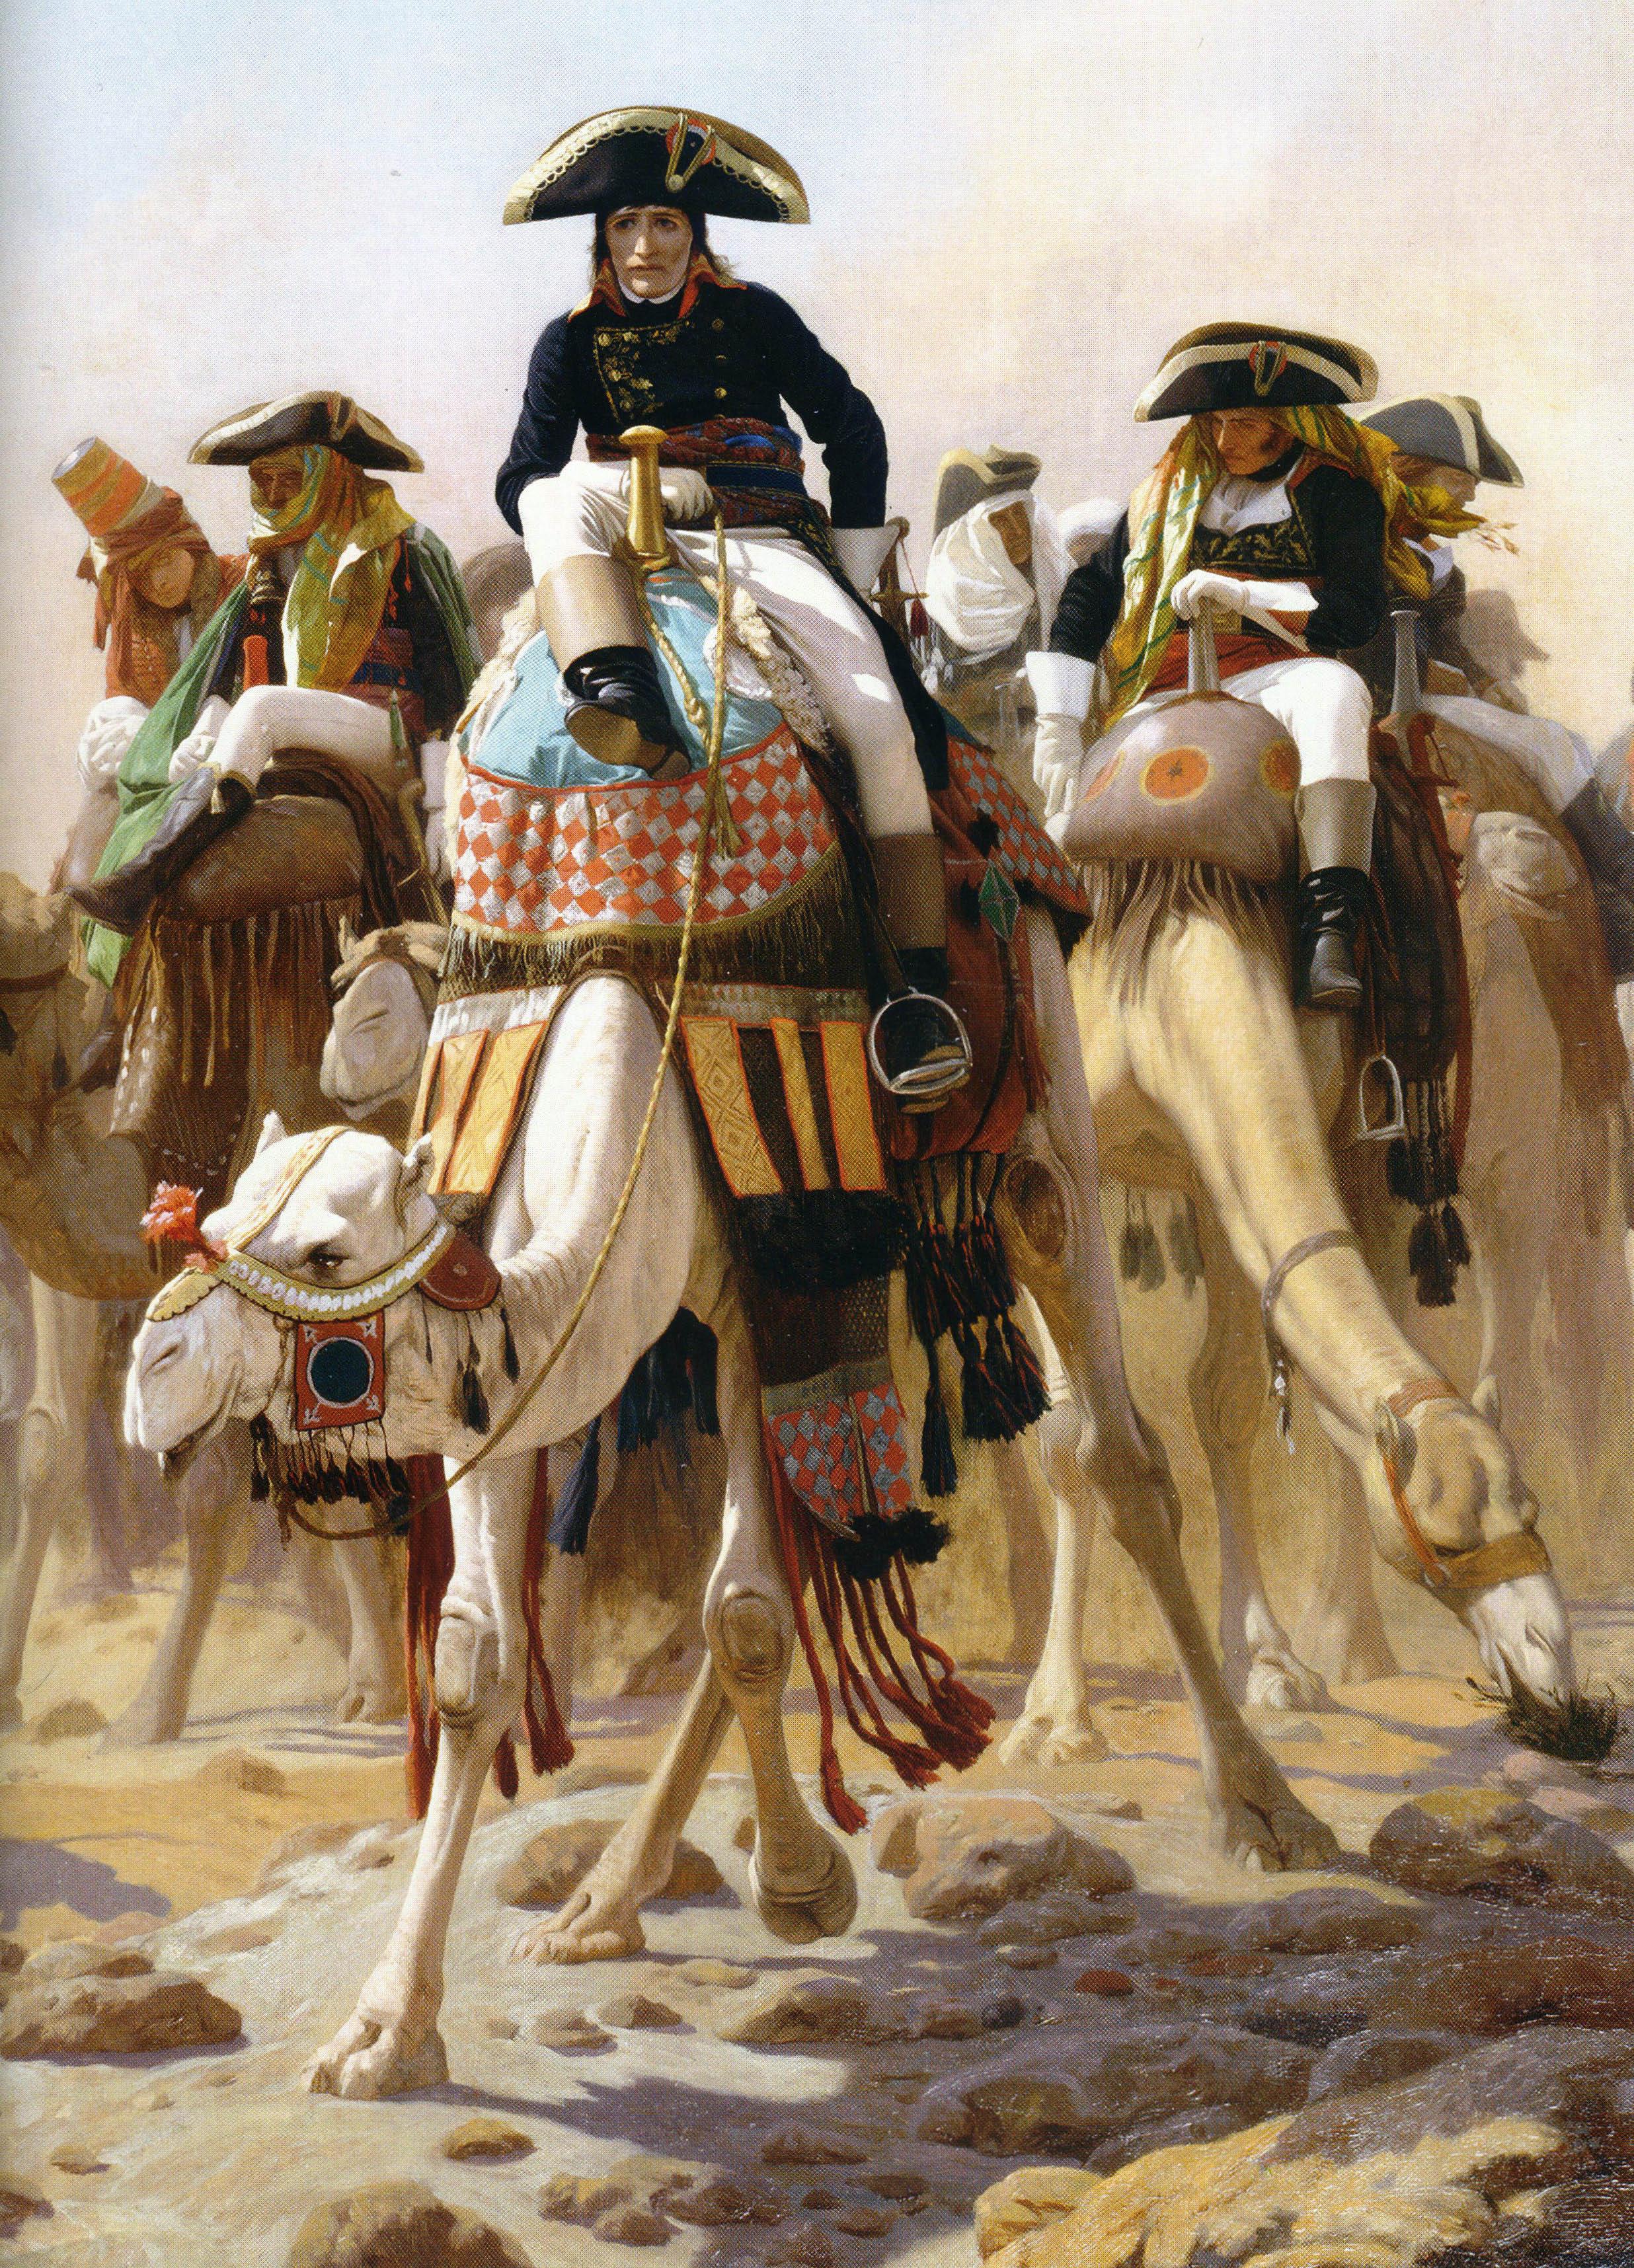 Conférence : Bonaparte en Egypte, ou le rêve inachevé Par Jean-Charles JAUFFRET